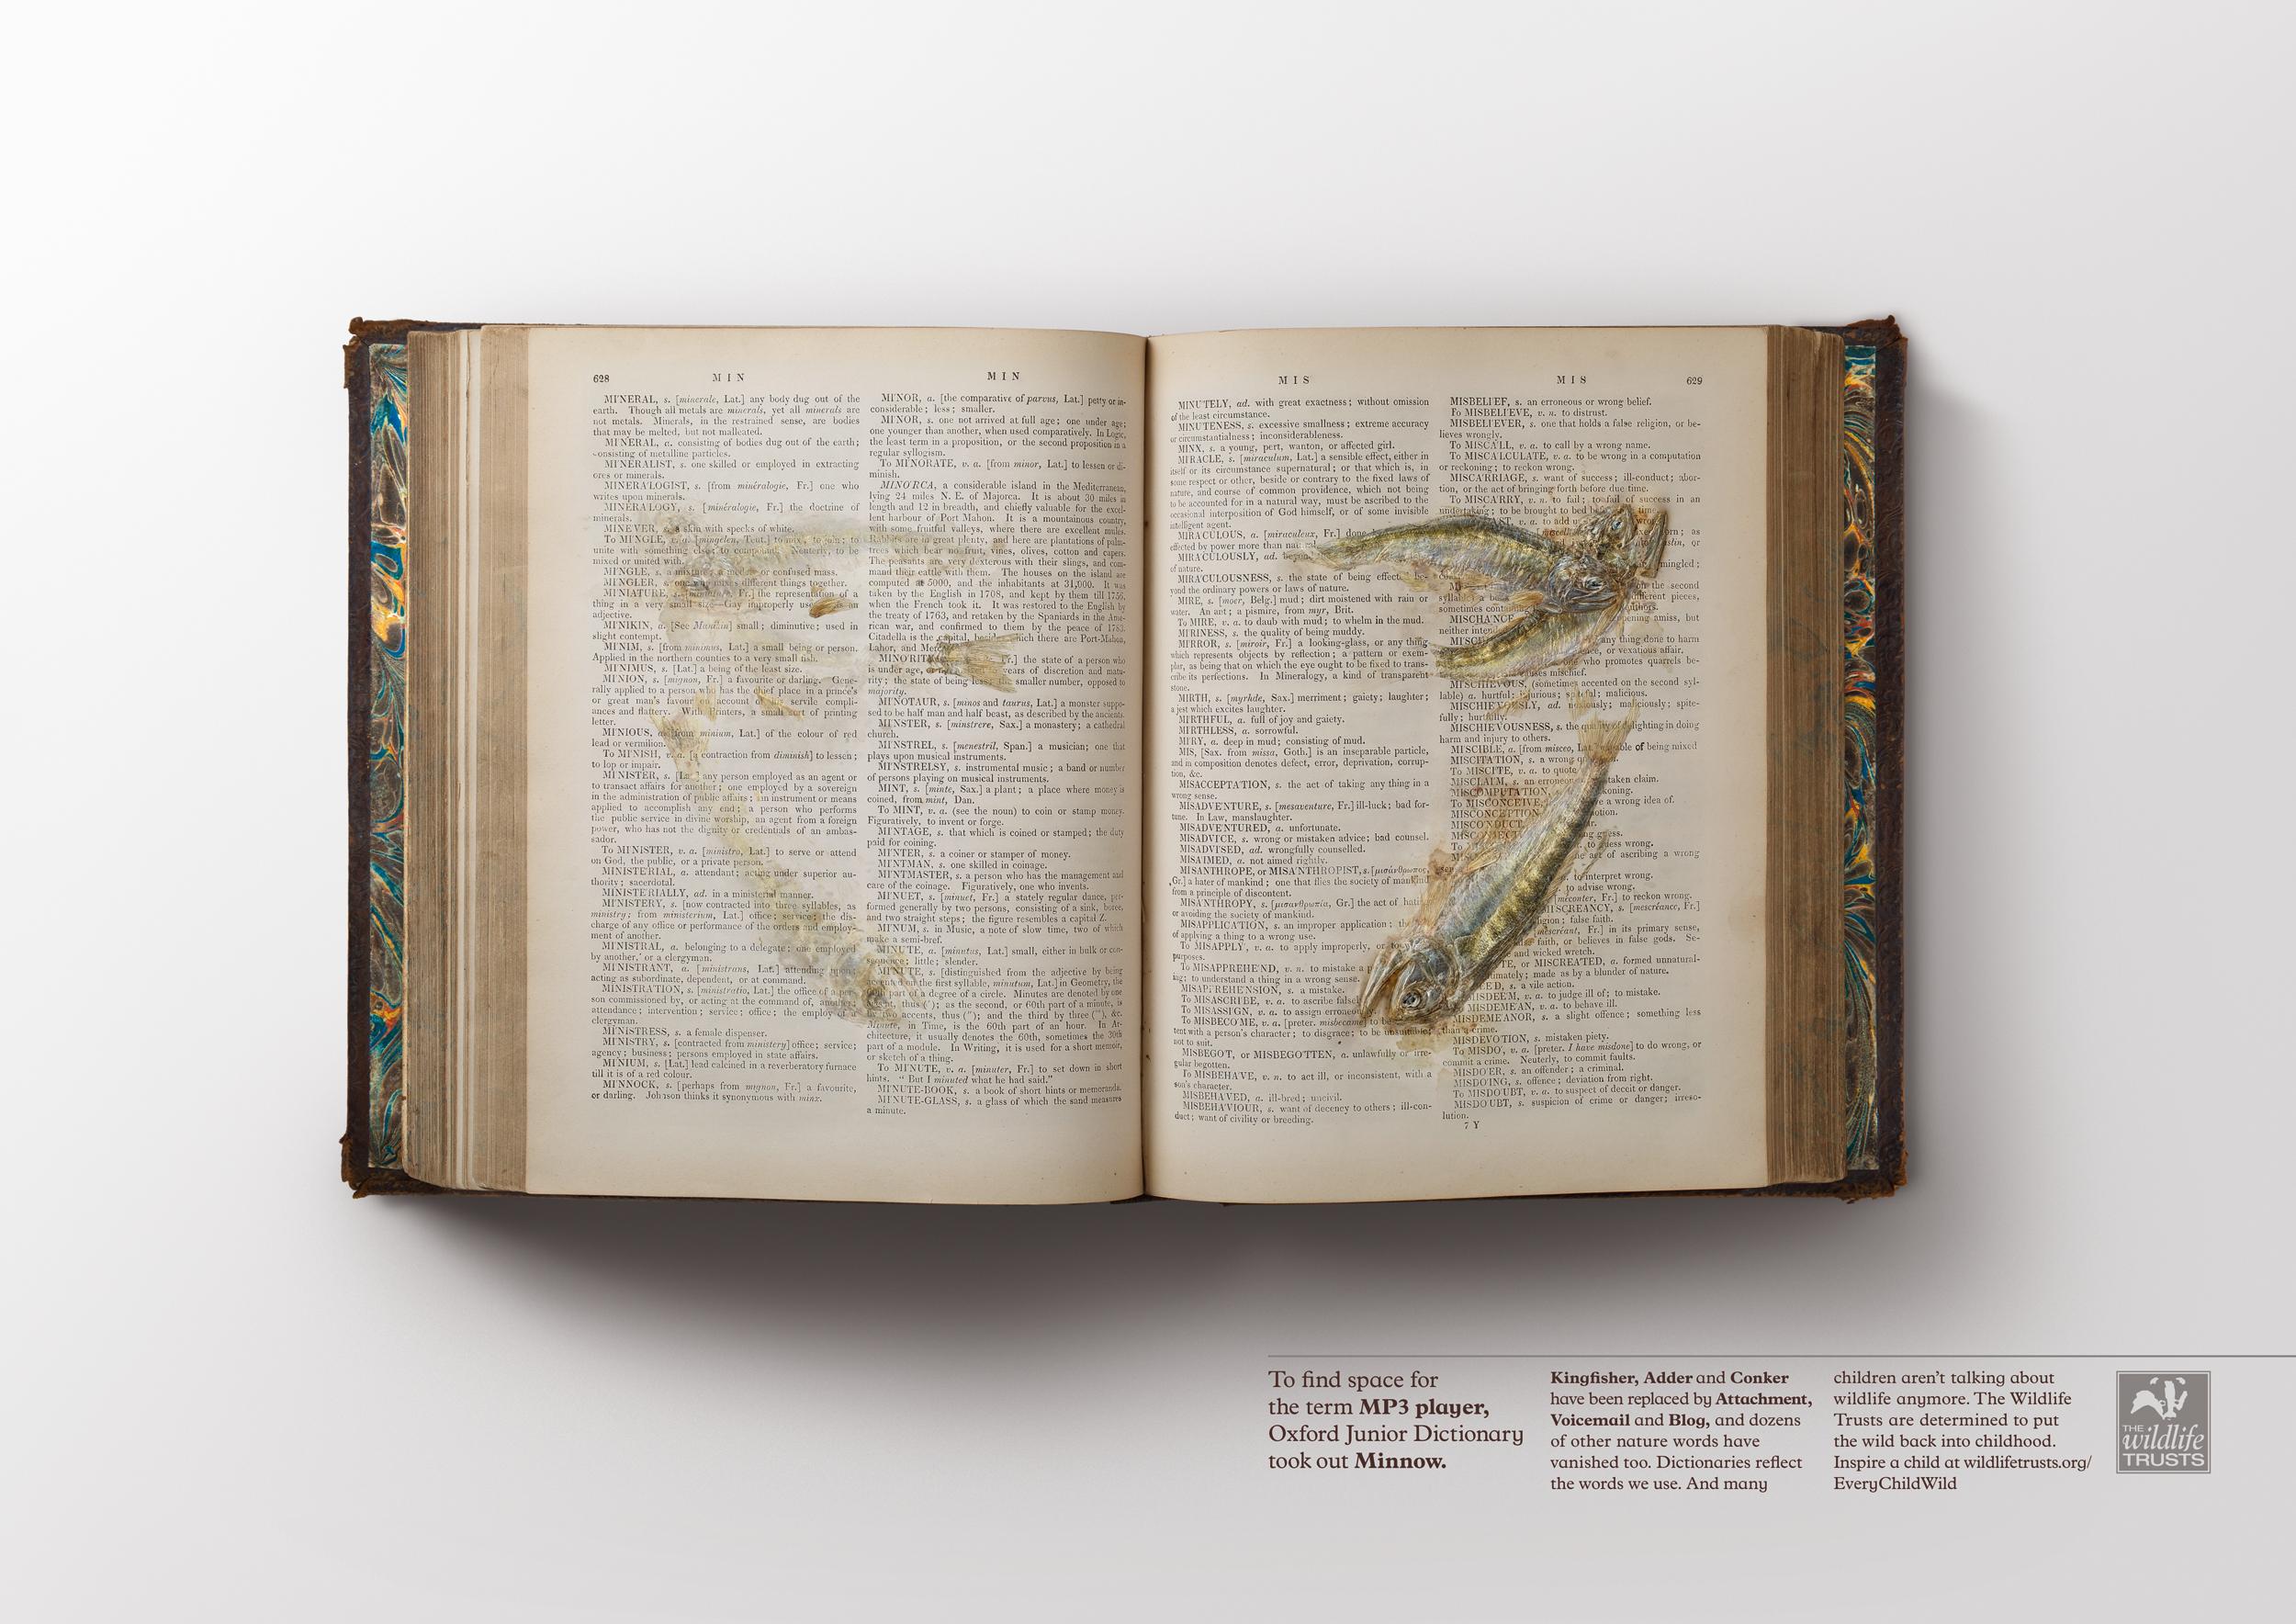 Nature Words  Ogilvy & Mather London